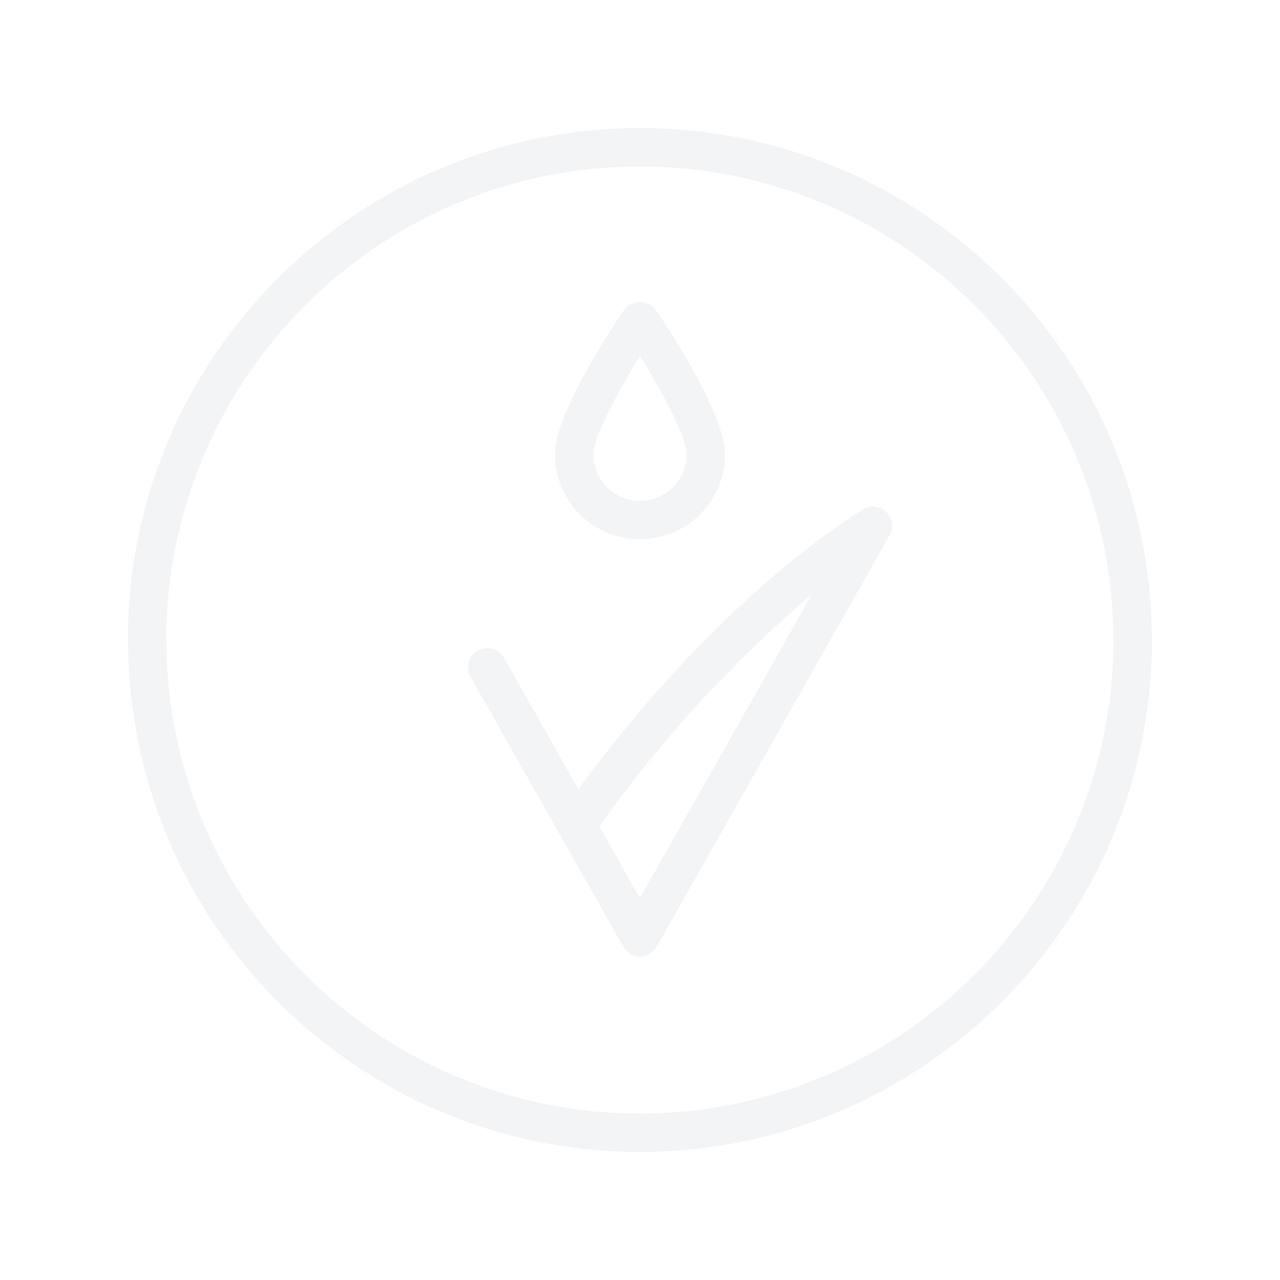 EYLURE Pro Lash Individuals Duos & Trios Eyelash Gift Set набор отдельных накладных ресниц в пучках